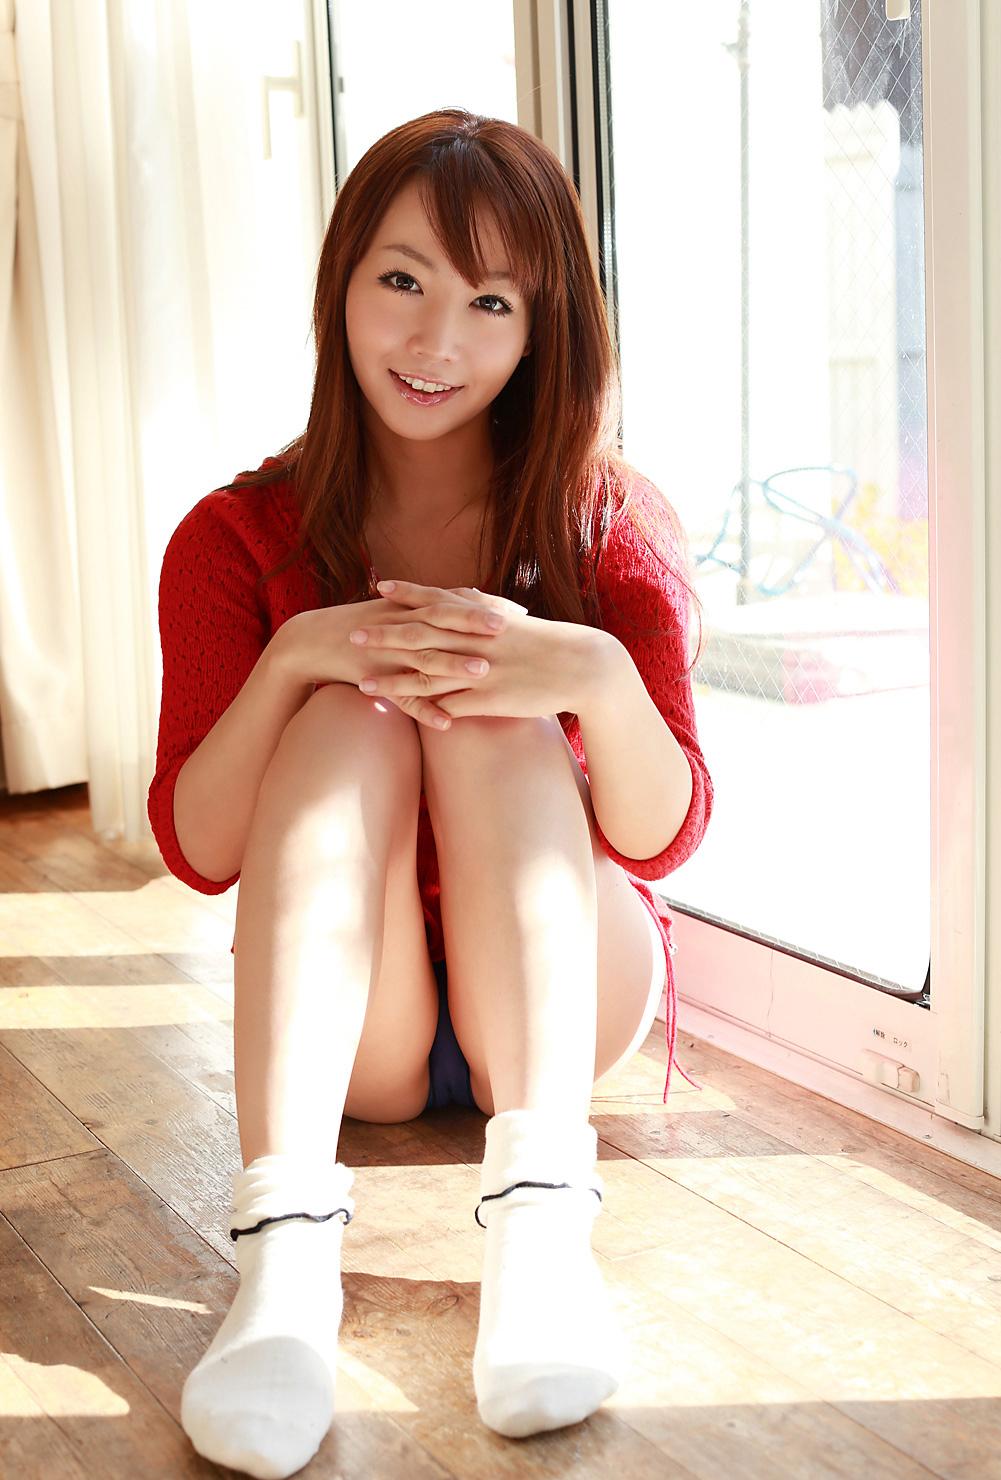 西本明日香 画像 34